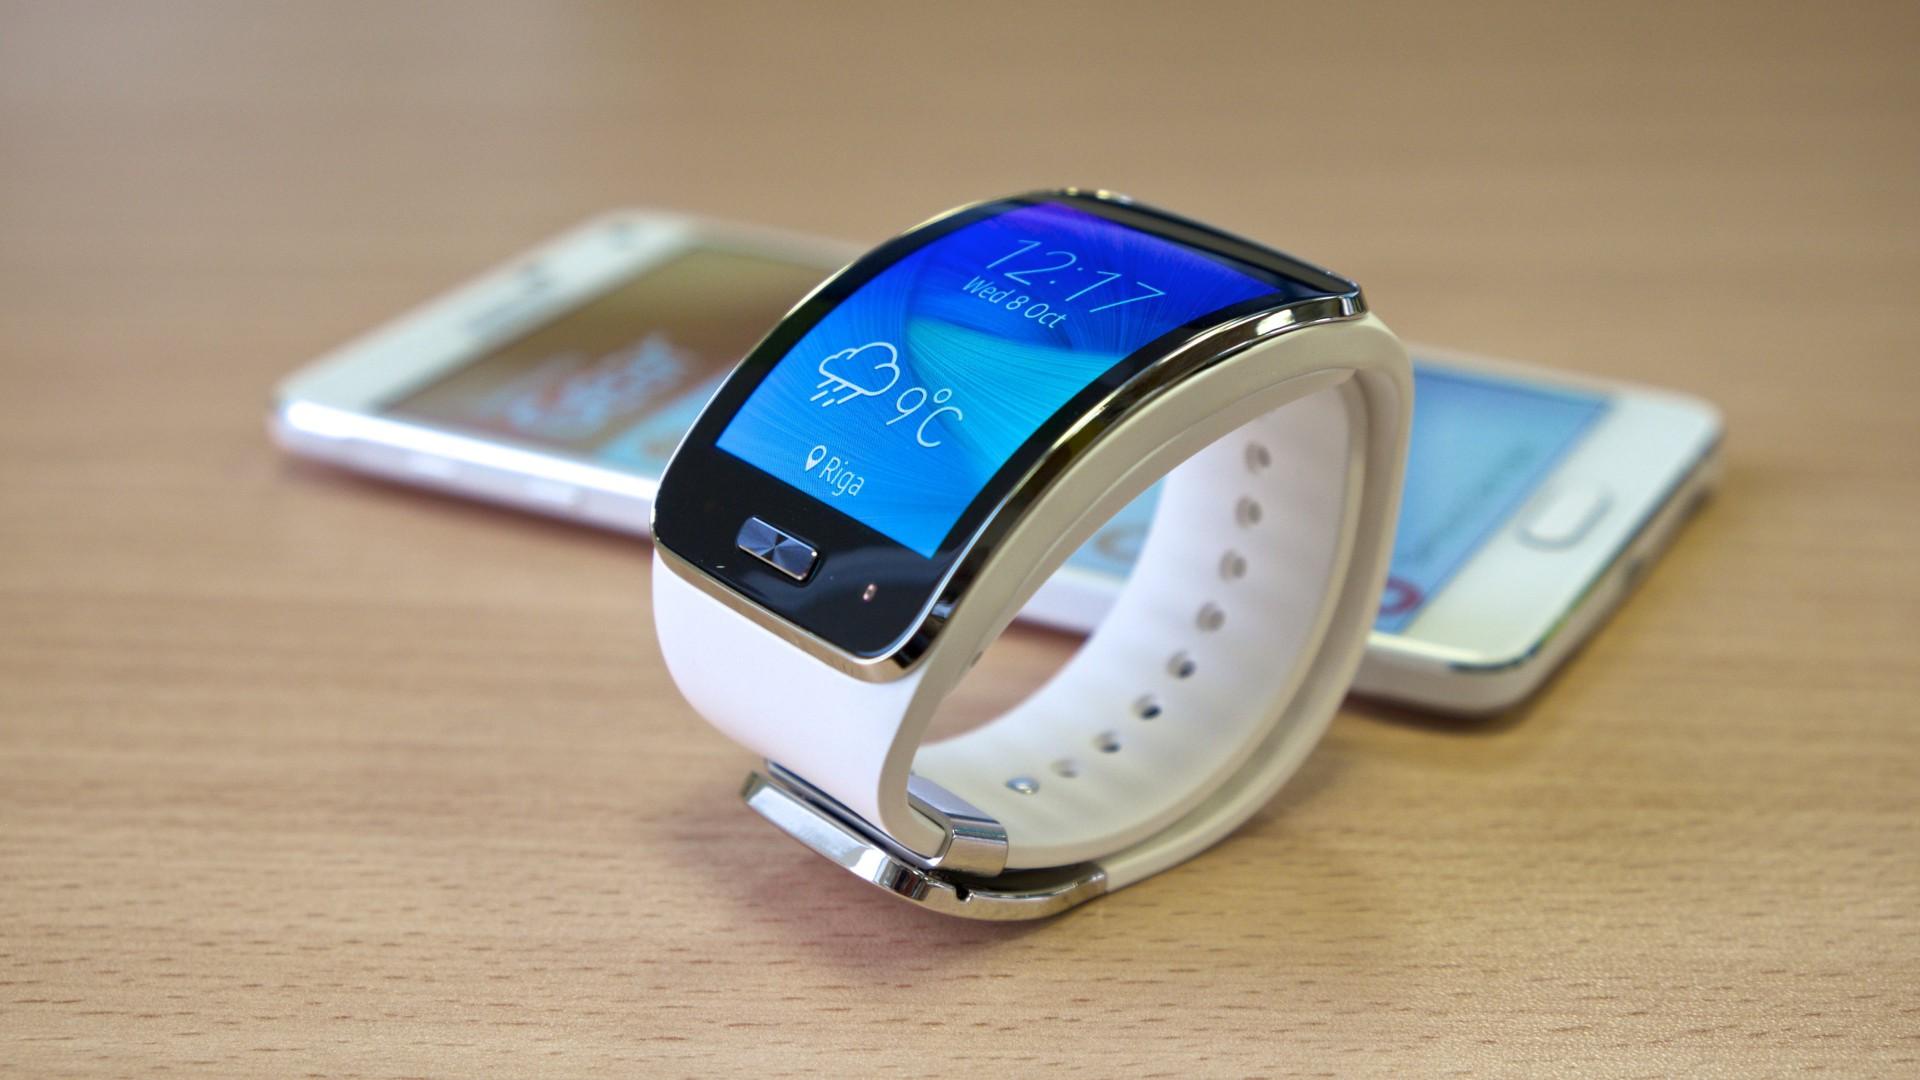 Wallpaper Samsung Galaxy Gear Watch, Samsung Galaxy Models